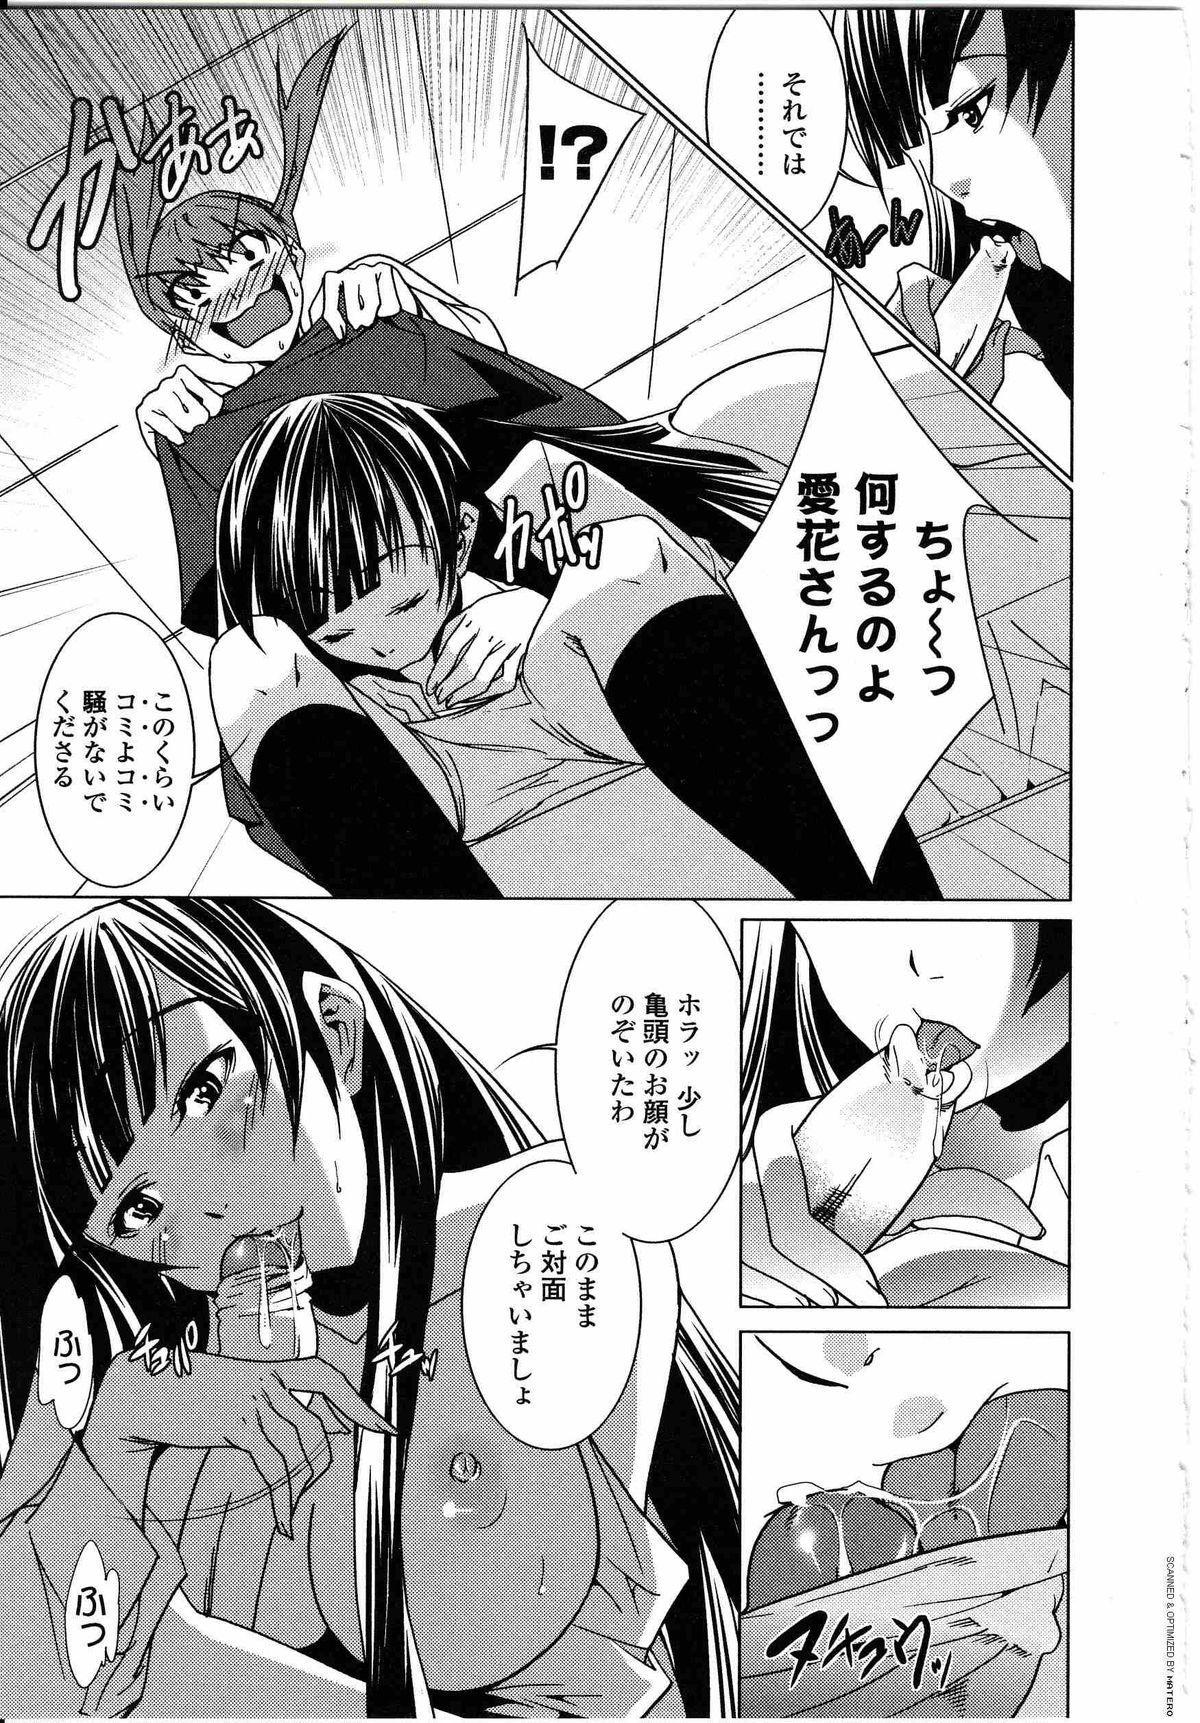 Futanarikko LOVE 8 31